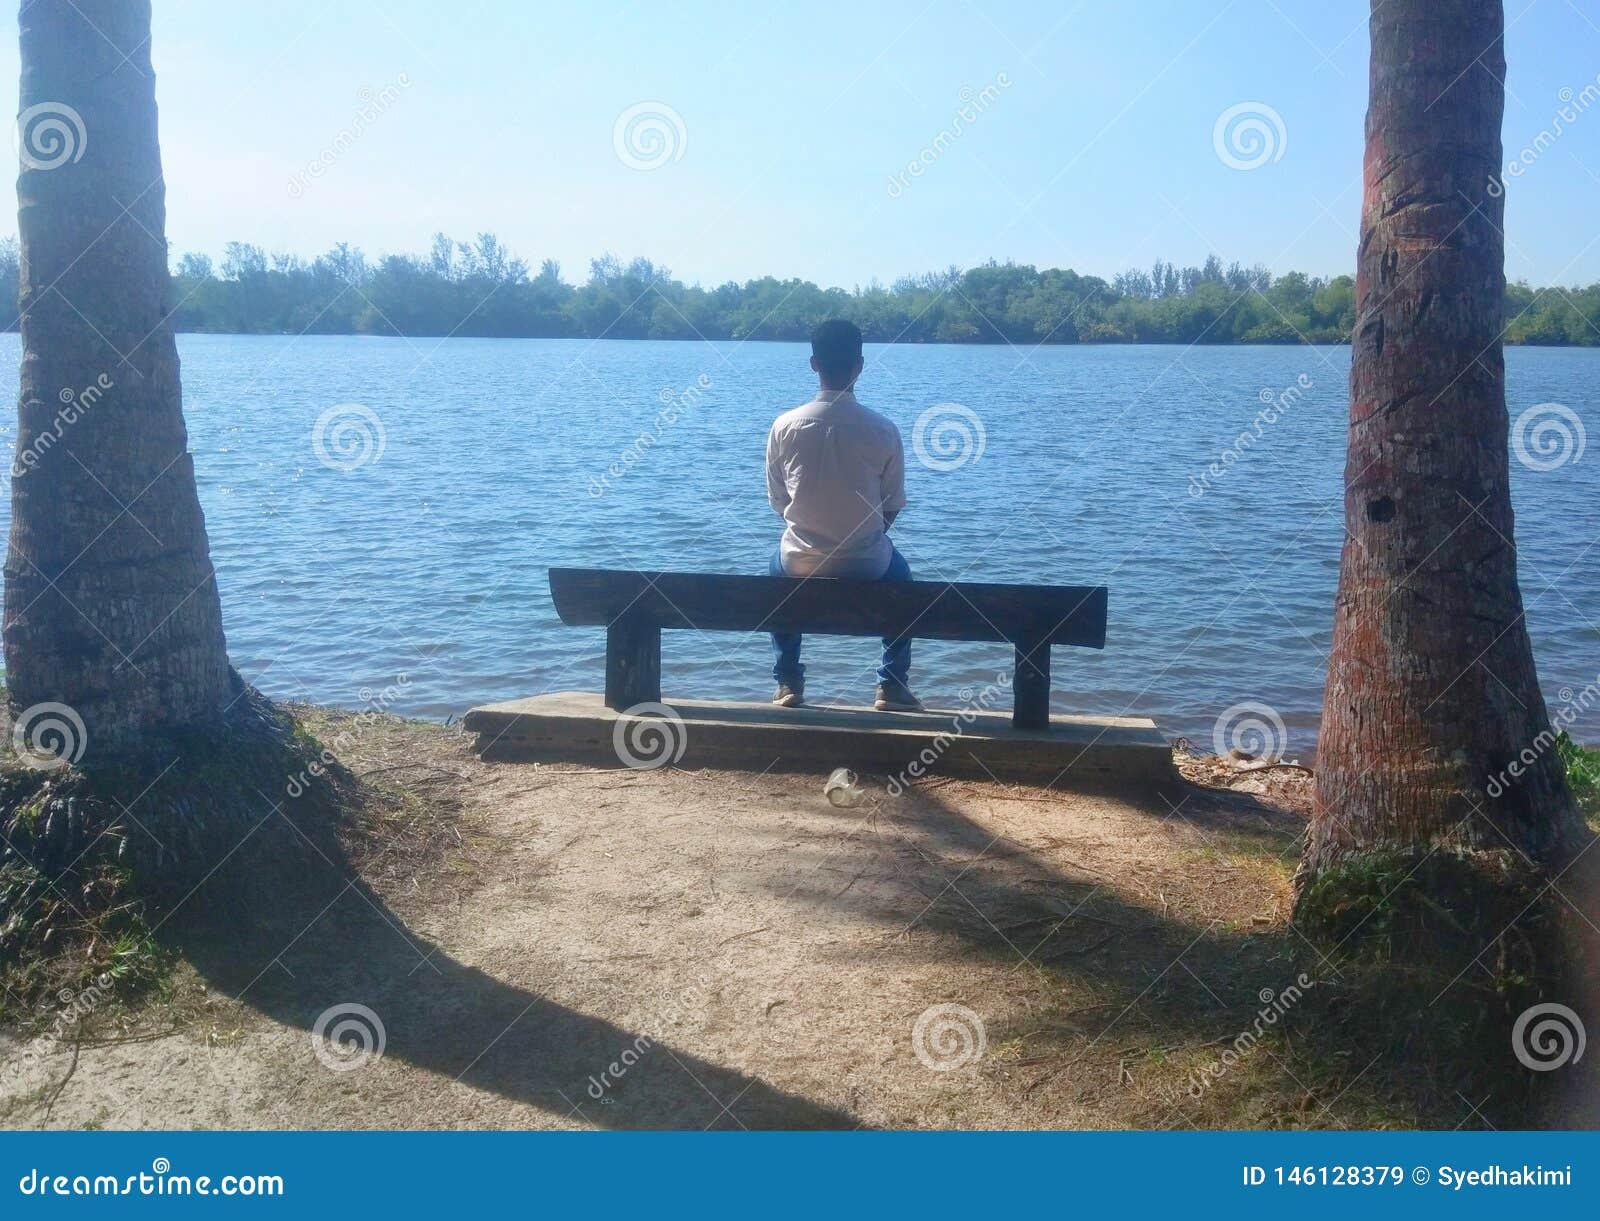 Mensen alleen zitting op Bank voor meer onder de zon en de palm - beeld